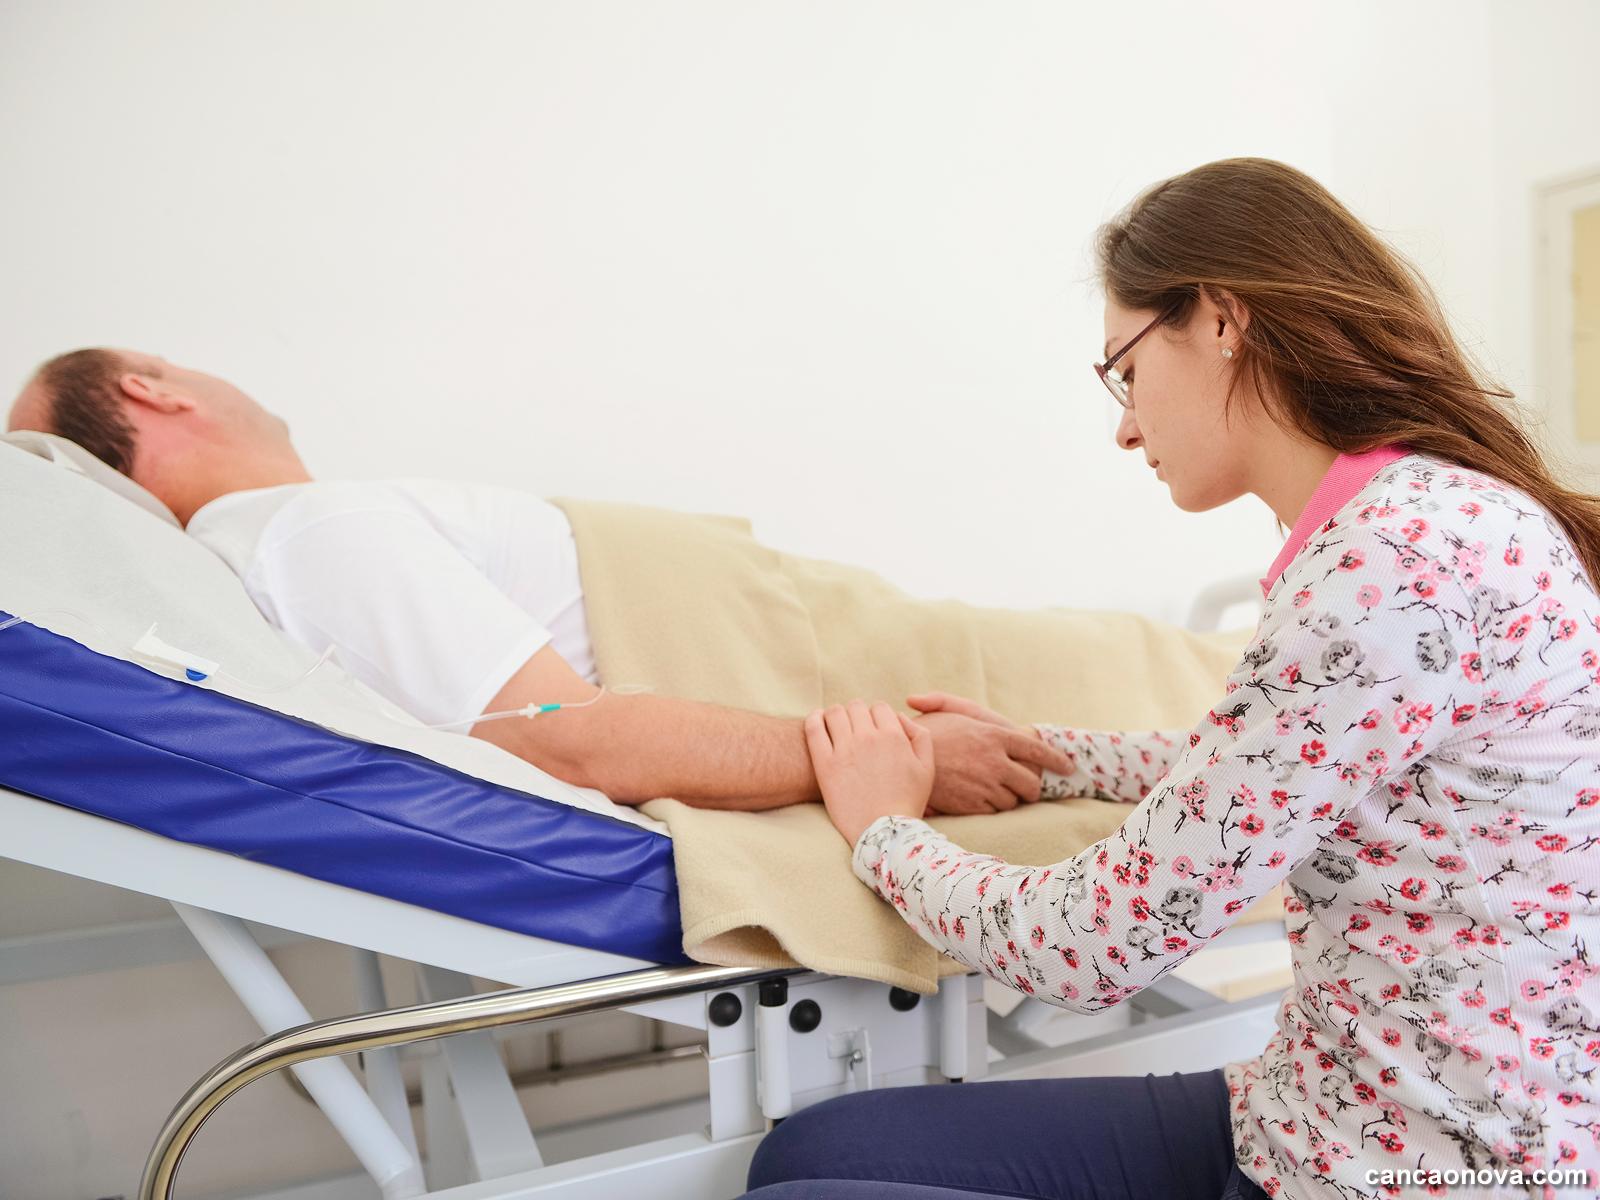 Como contemplar o Cristo no irmão doente